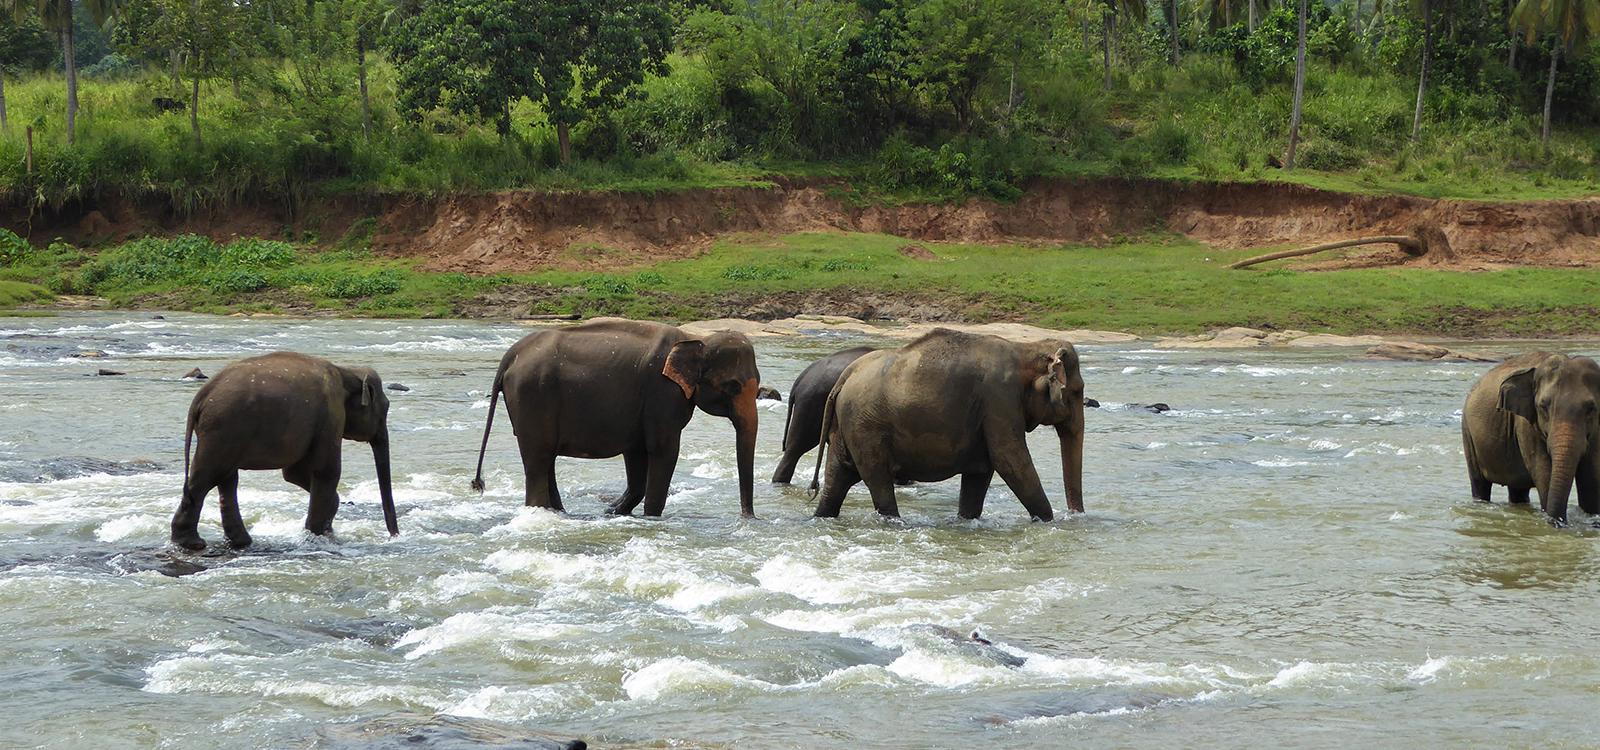 elephants at a thai animal sanctuary